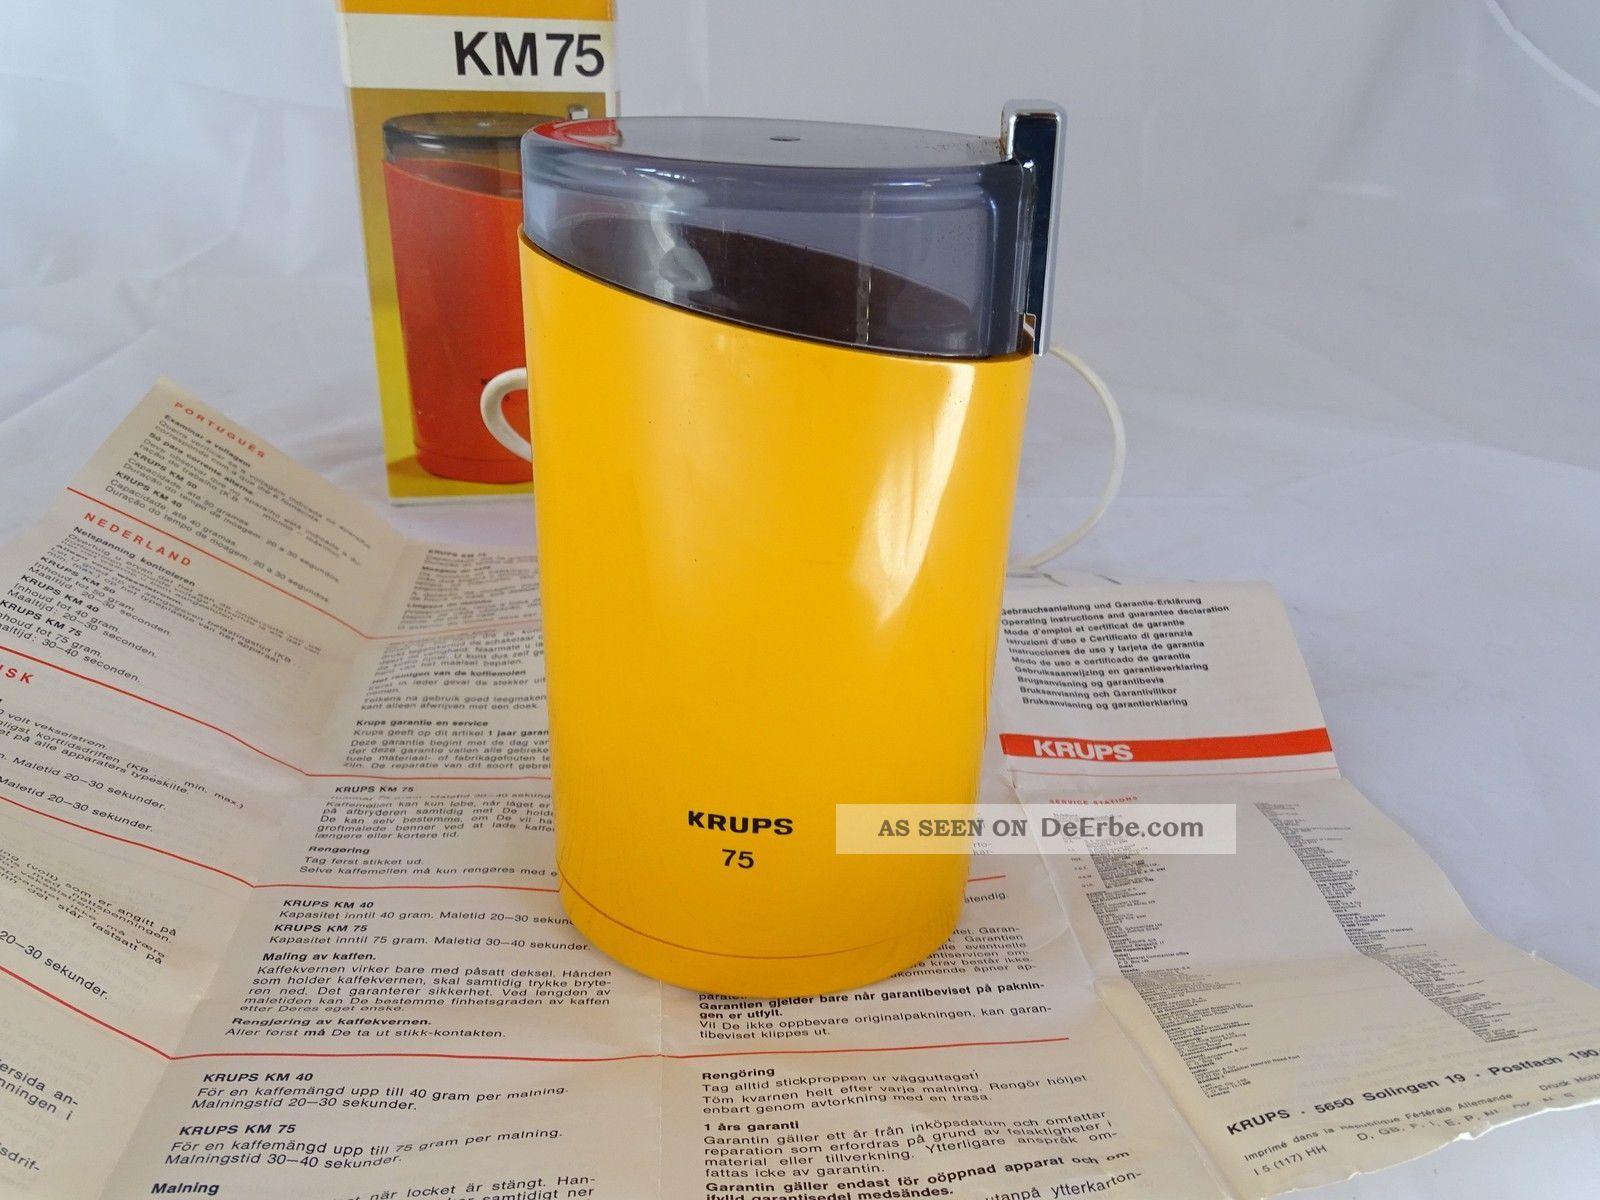 Vintage Panton Ära Krups Kaffeemühle Km 75 Orange Inkl.  Ovp Elektrisch 1970-1979 Bild